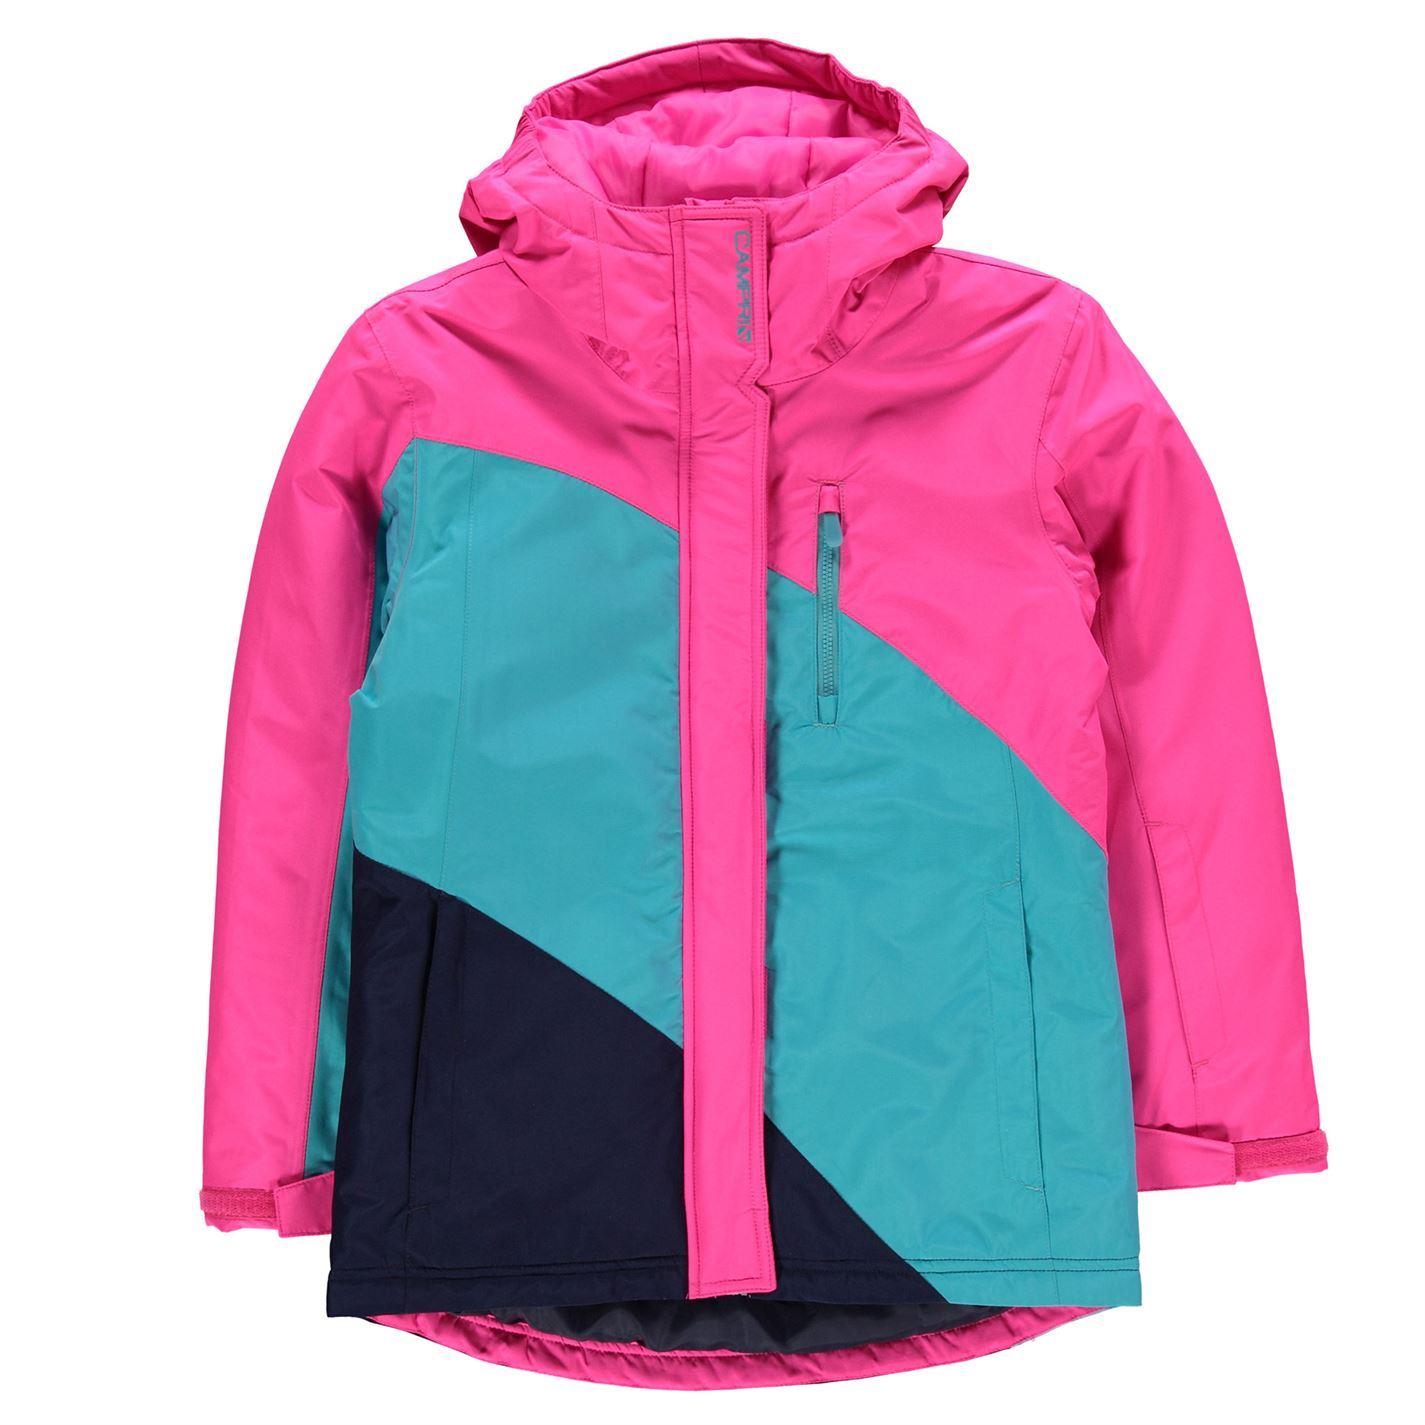 Campri Ski Jacket Mens